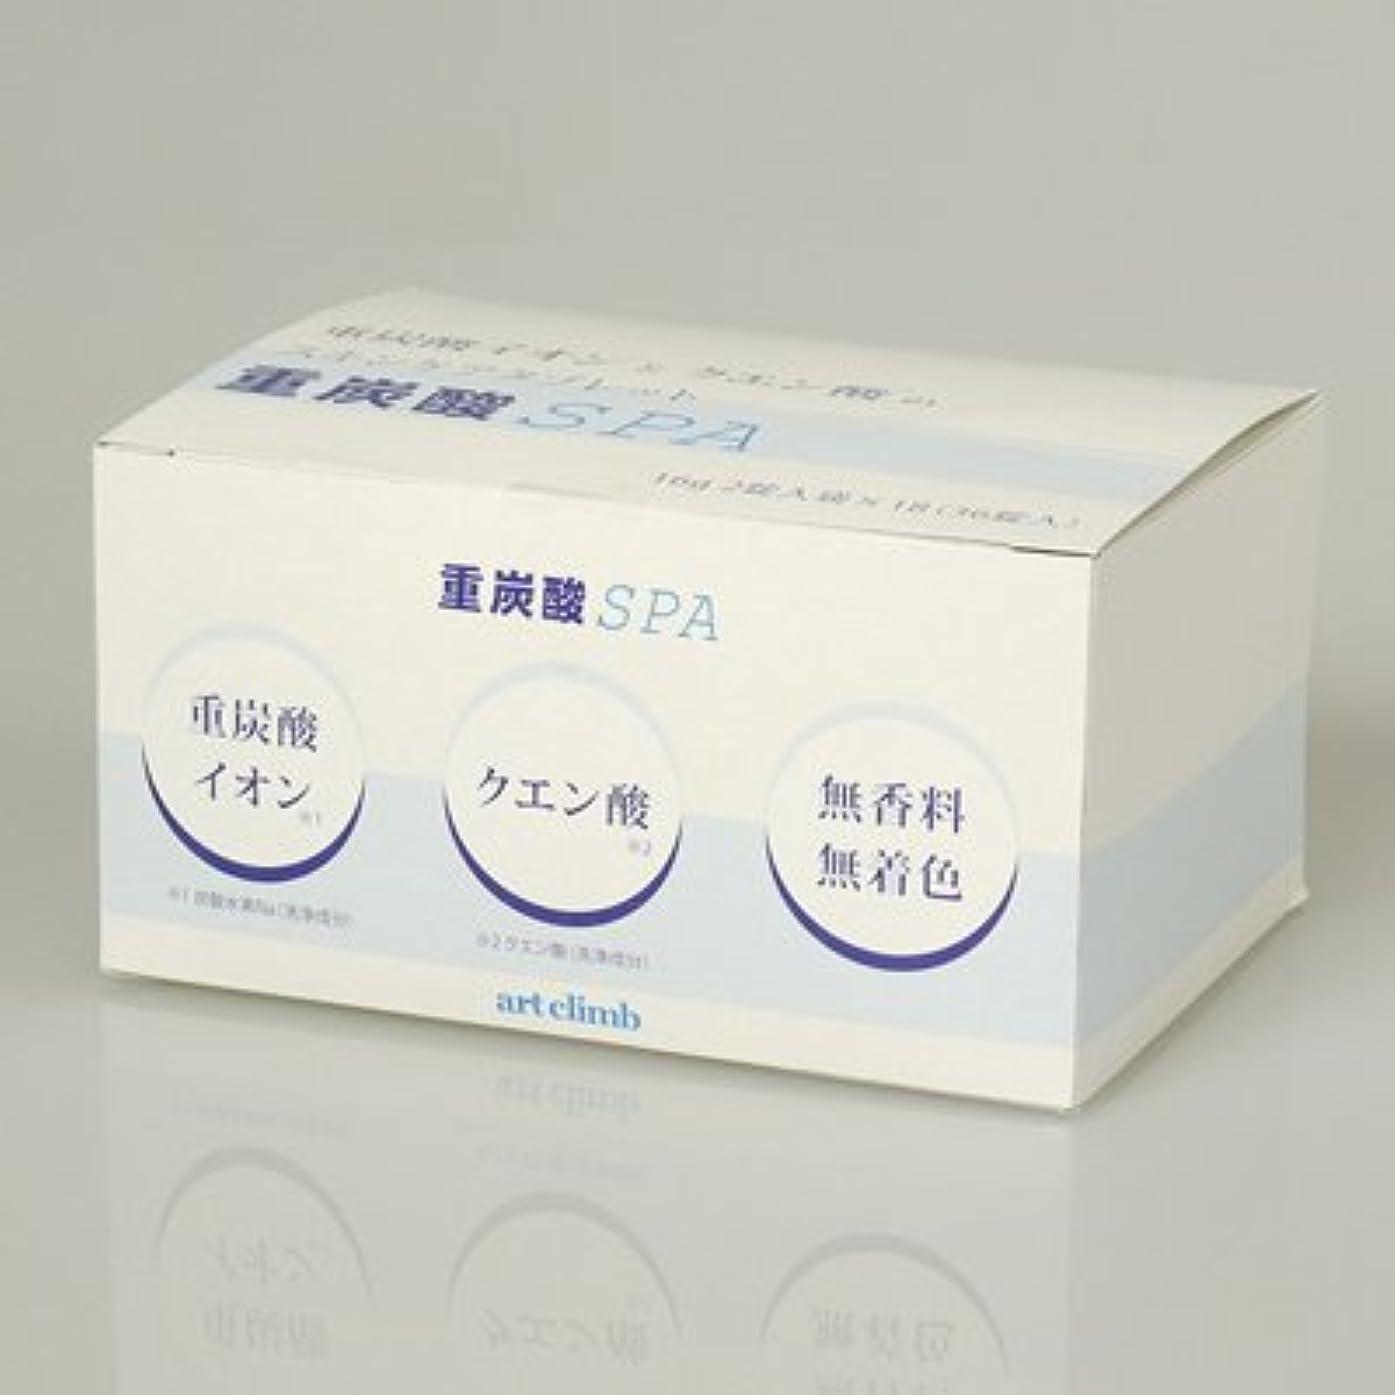 重炭酸SPA16g 36錠【2個セット】